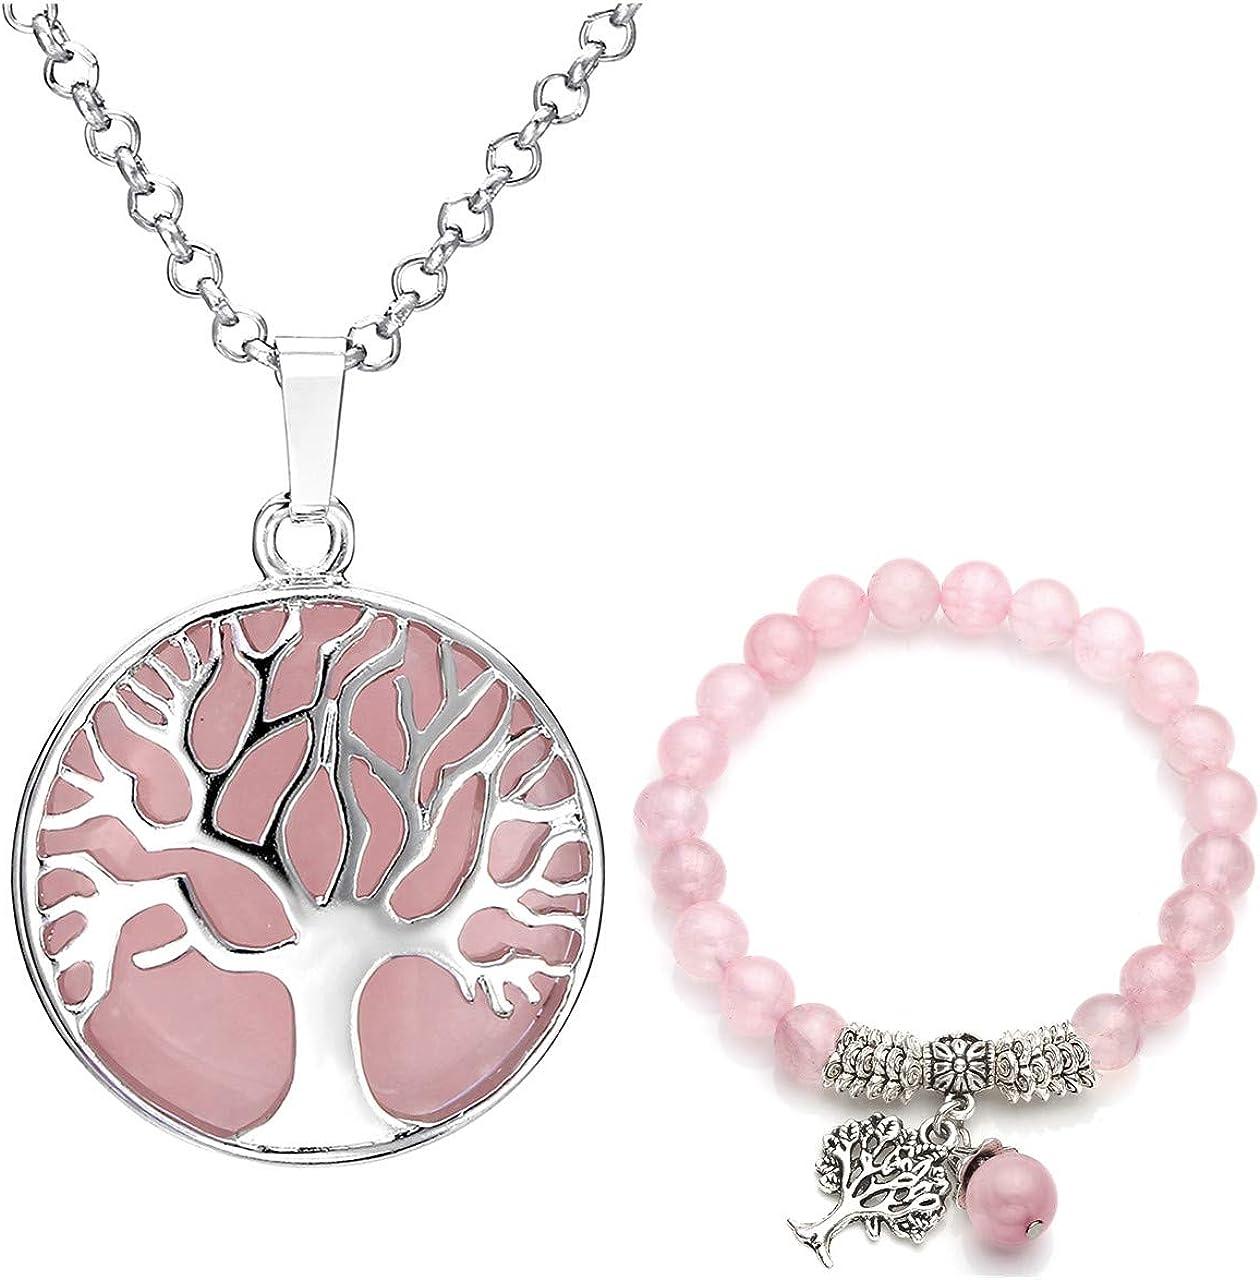 Jovivi - Juego de joyas de piedras preciosas para mujer, colgante de árbol de la vida de plata y piedra redonda,con cadena, y pulsera elástica de perlas de 8 mm